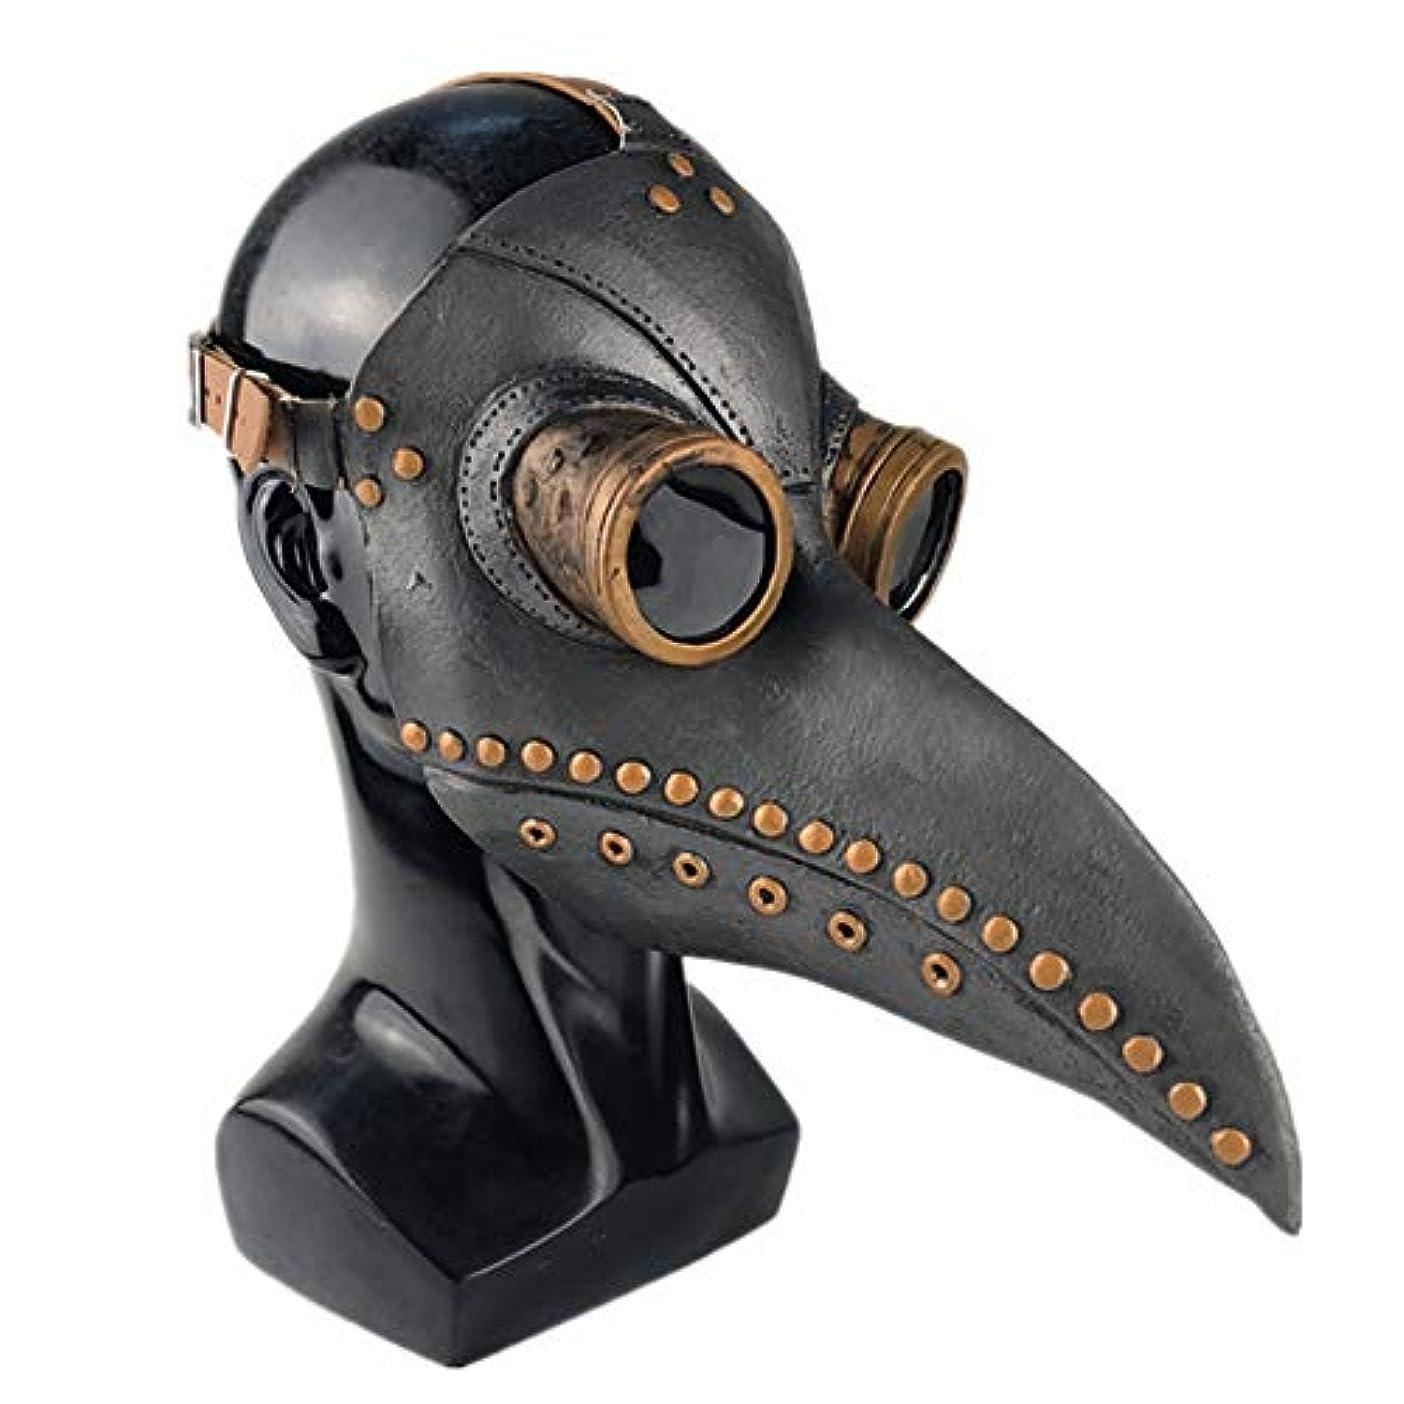 コンデンサー社交的移植KISSION ホラーマスク ハロウィンデコレーション 通気性 ペストスチーム喙ドクターマスク 仮面舞踏会喙ドクターマスク 小道具 黒 銅の爪